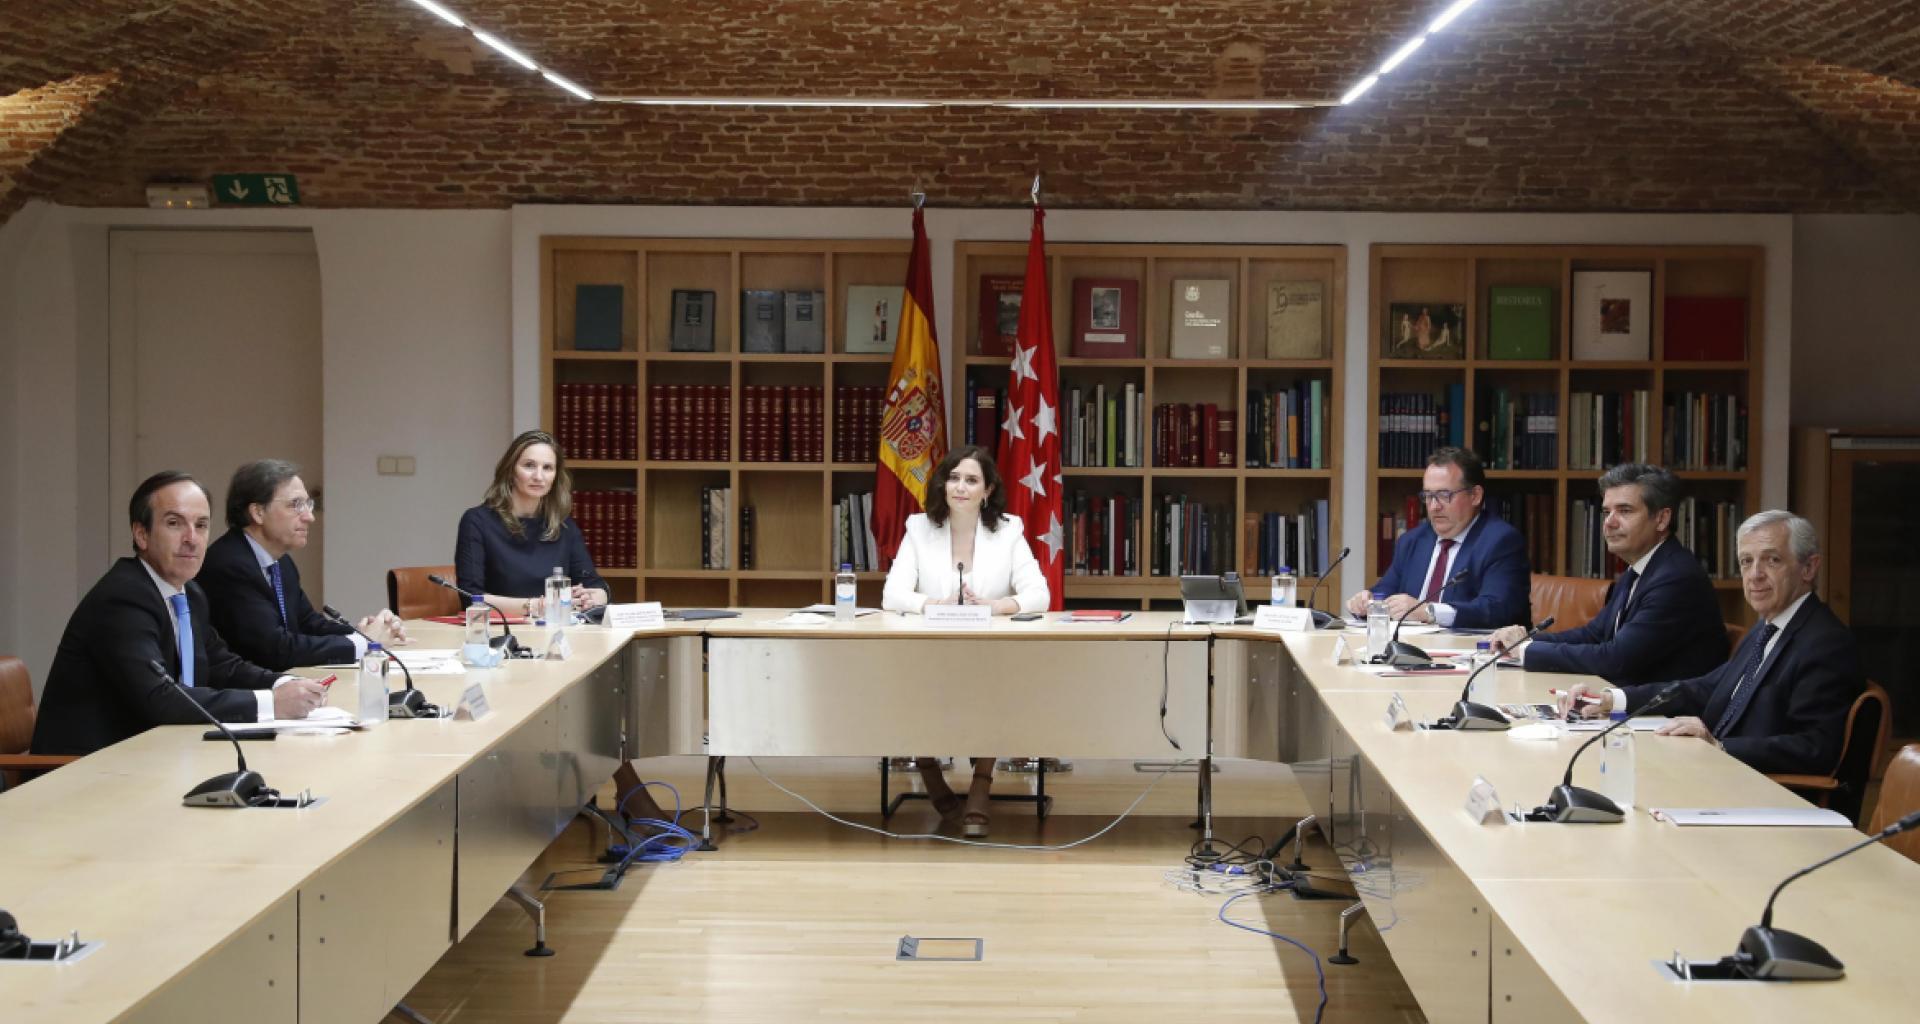 Díaz Ayuso anuncia un Plan estratégico a dos años para dinamizar el sector de la hostelería - La Viña